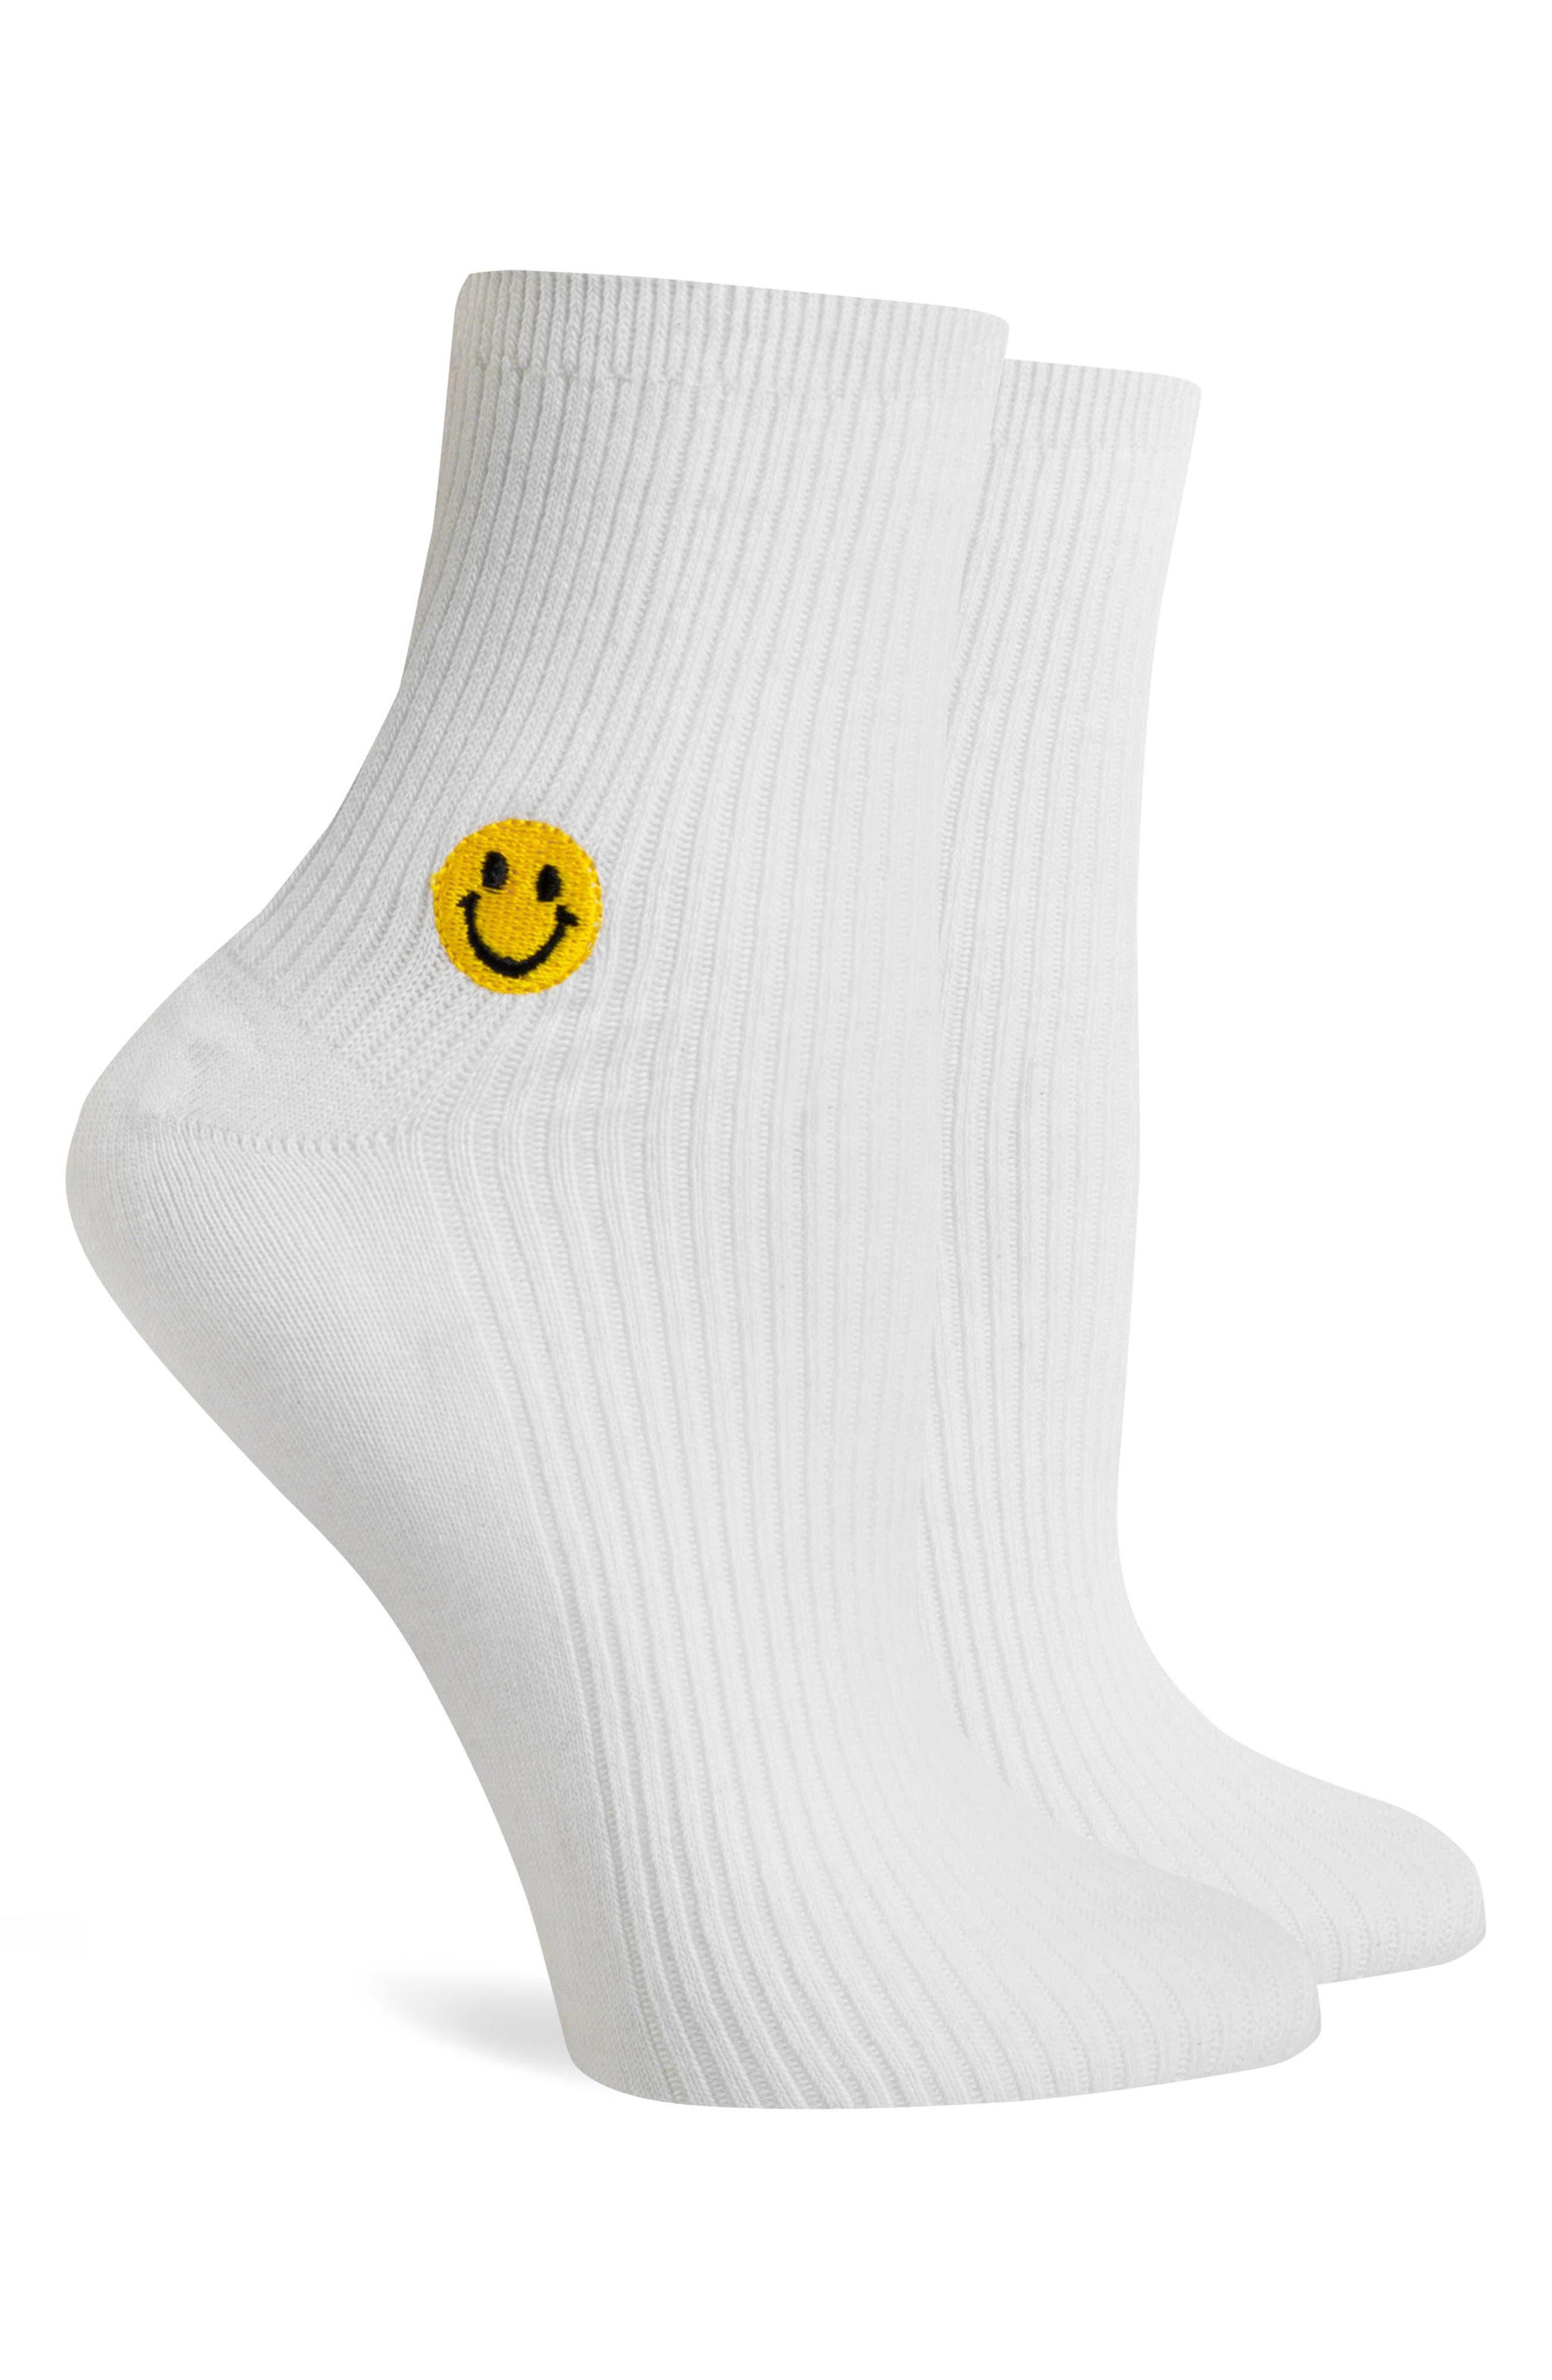 Smiles Ankle Socks,                             Alternate thumbnail 2, color,